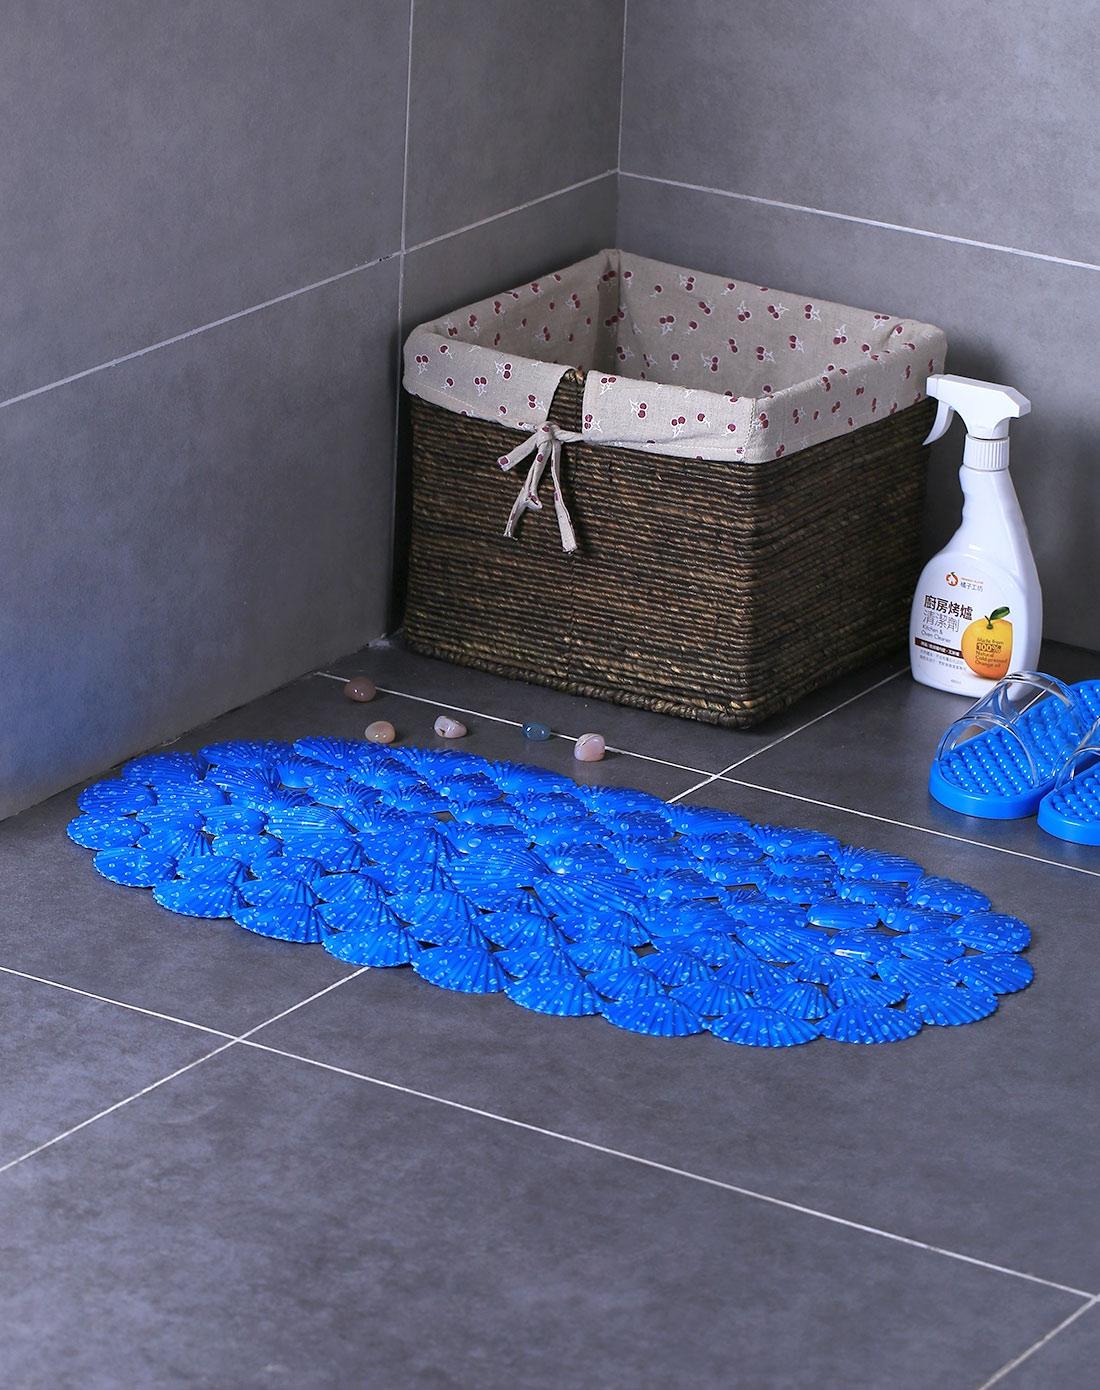 吸盘式深蓝色水滴贝壳浴室防滑垫